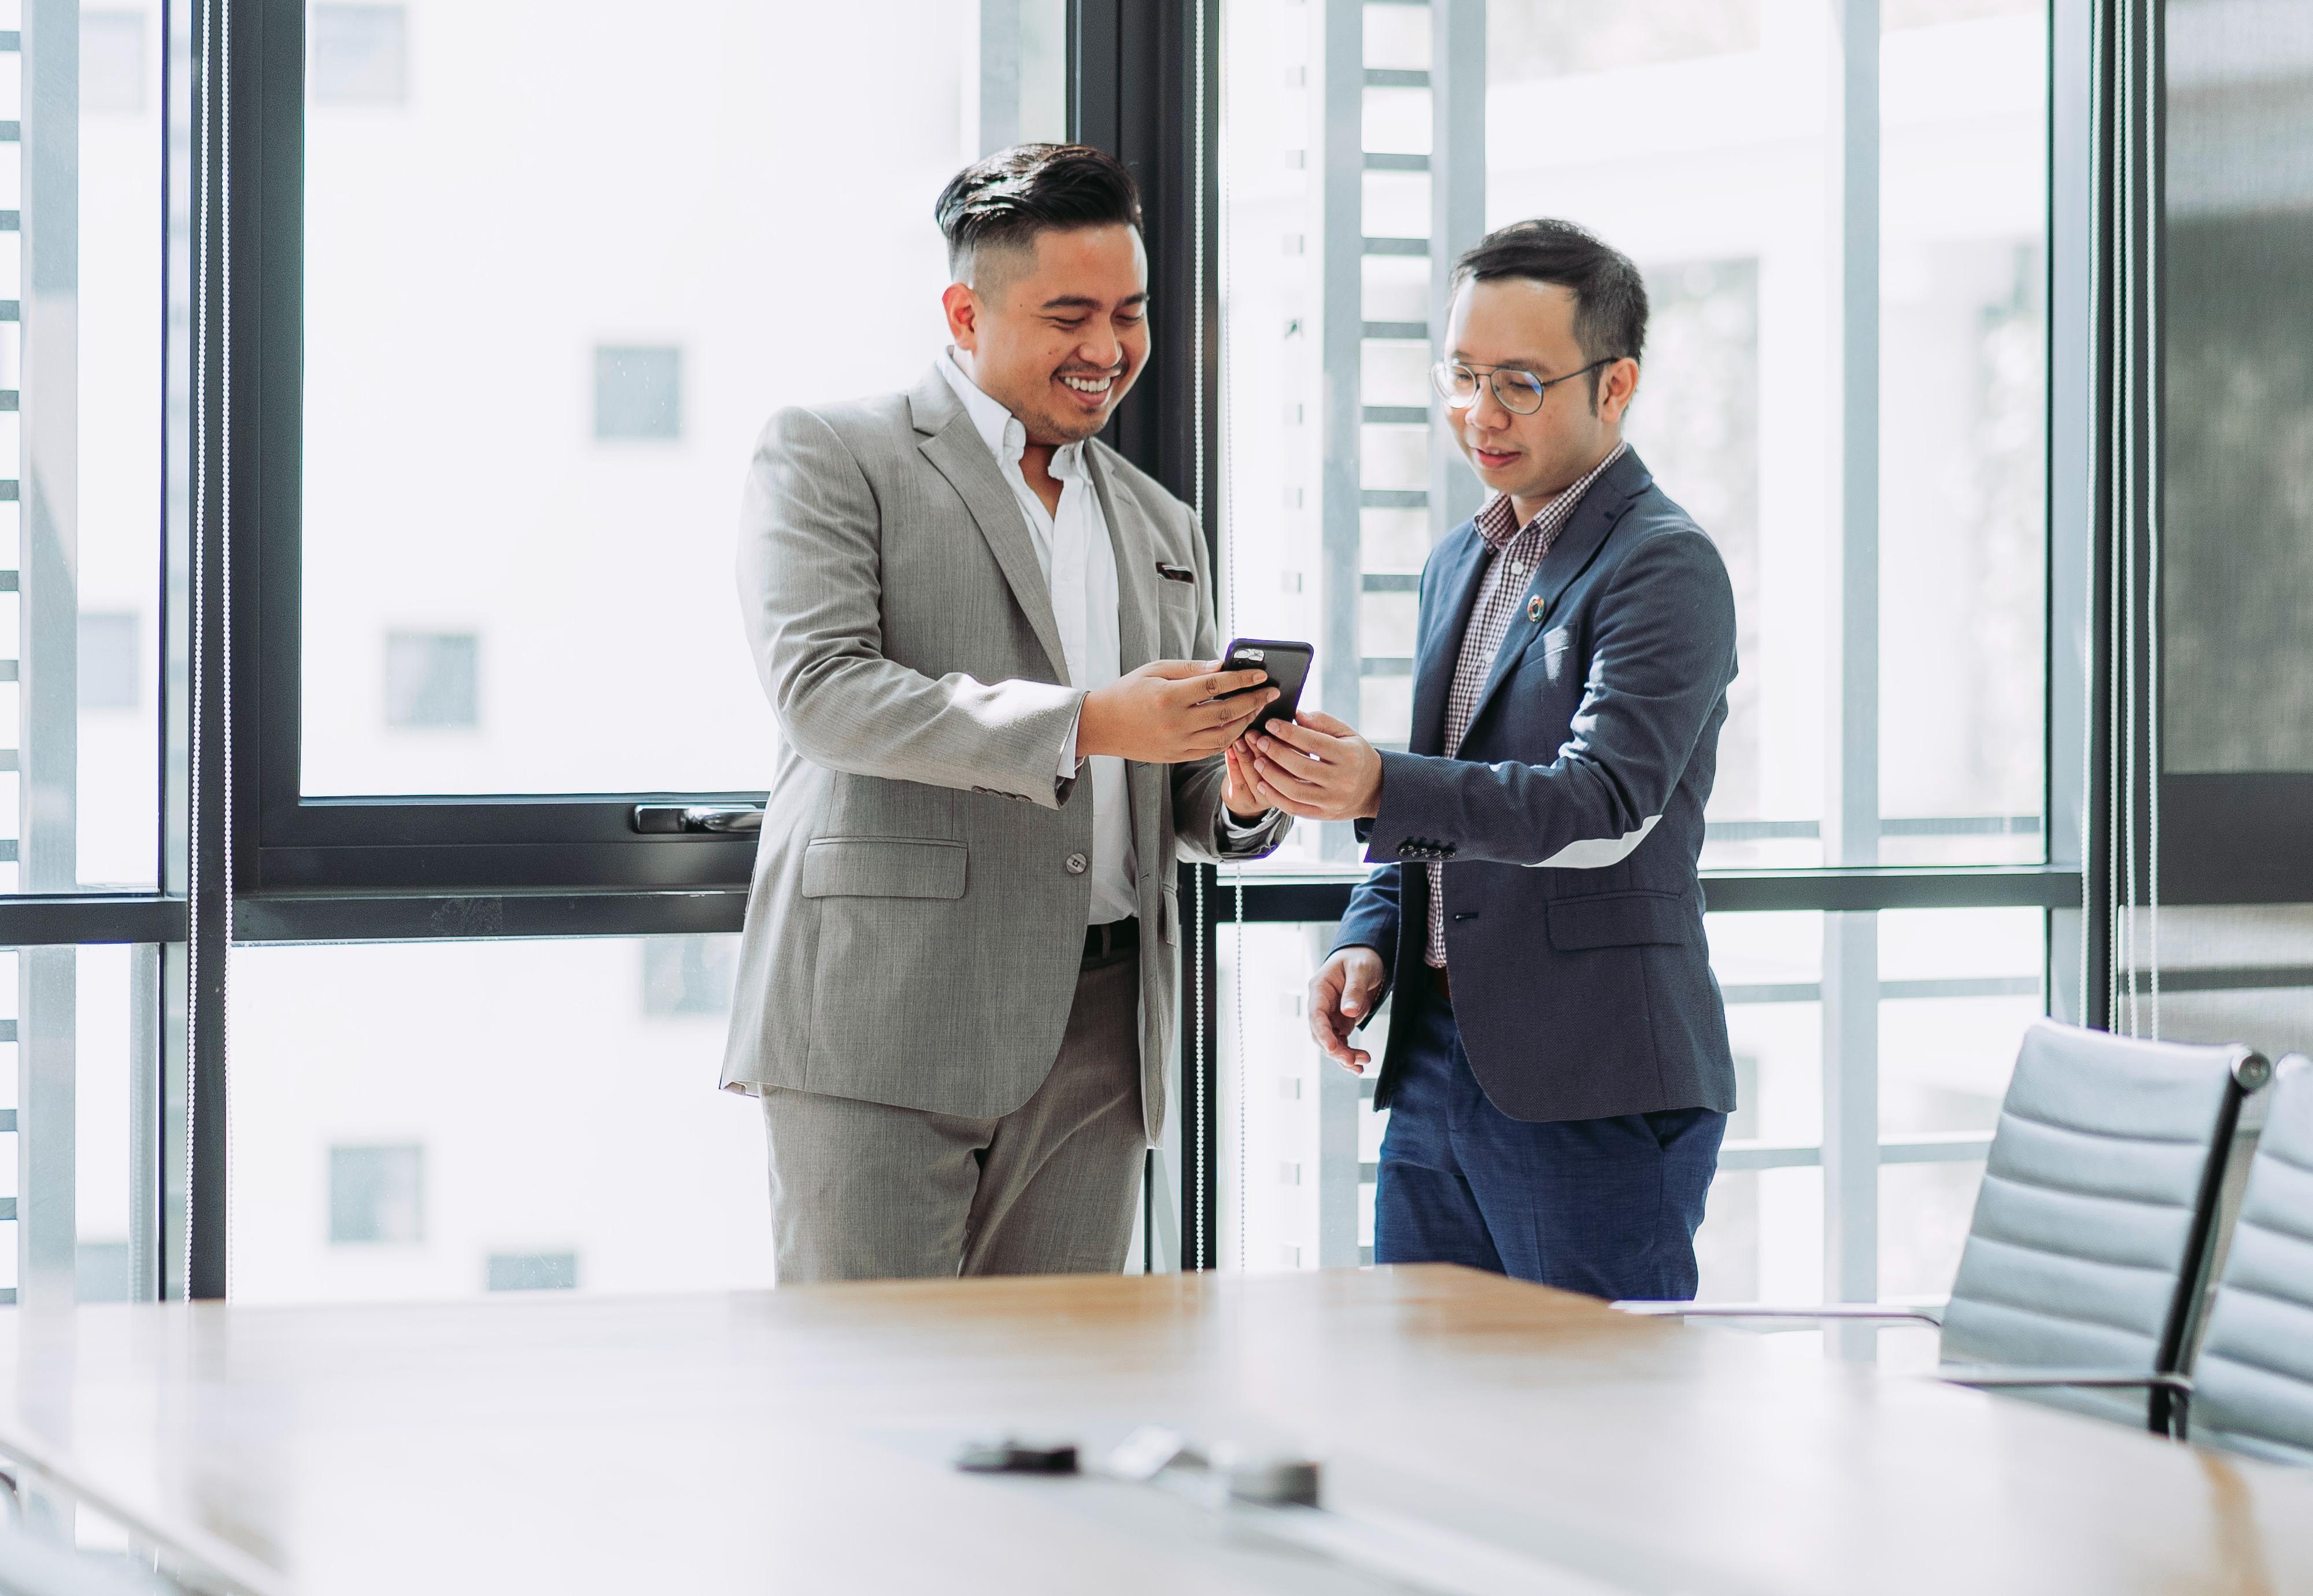 Two men talking in an office room